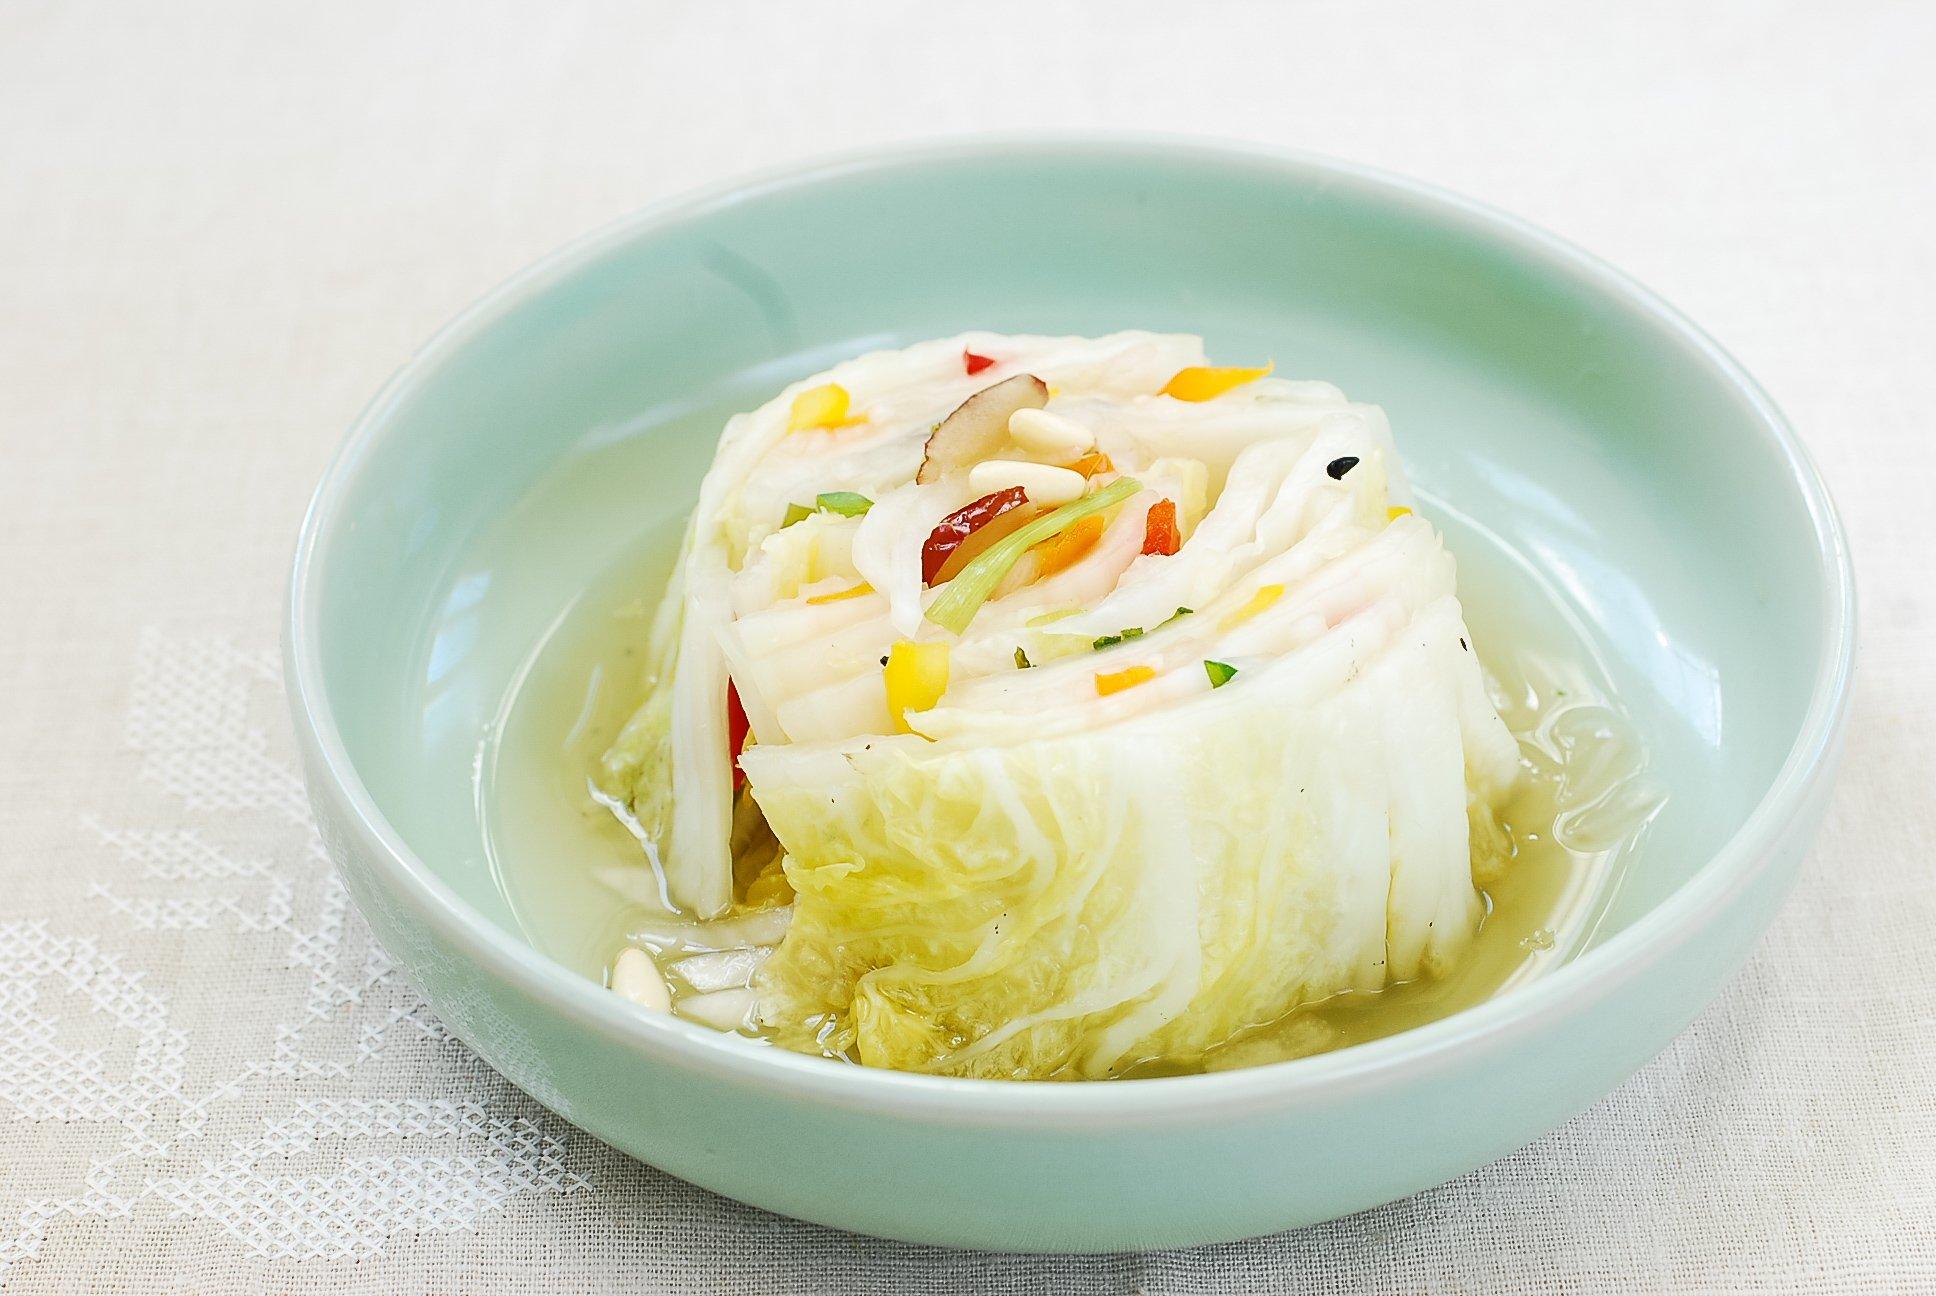 DSC 2956 1 - Baek Kimchi (White Kimchi)